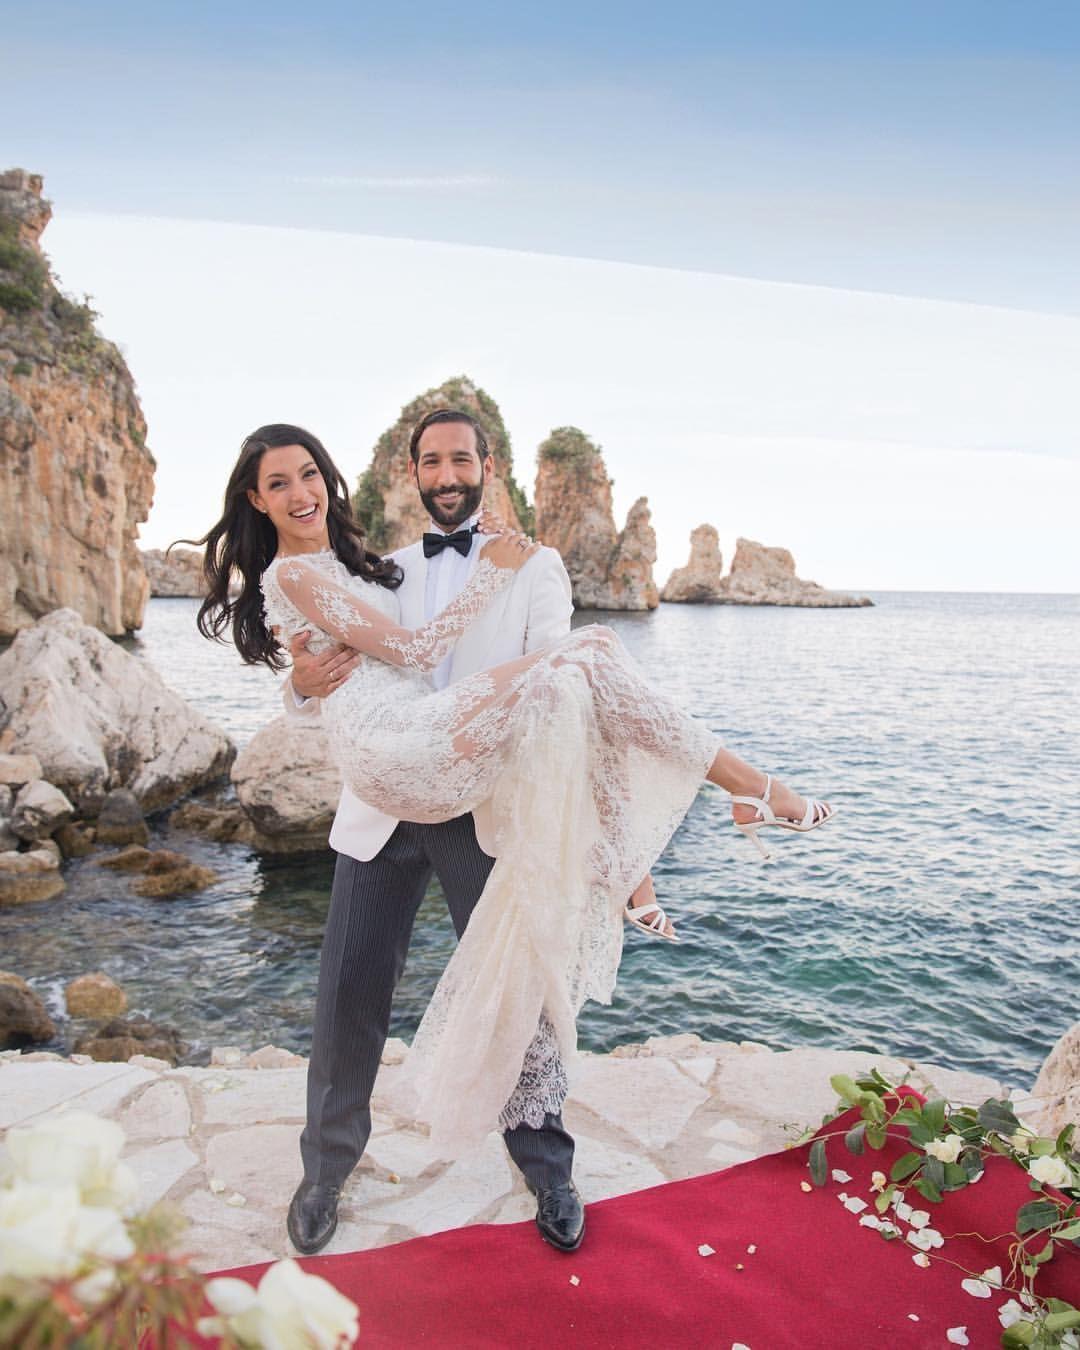 Pin Von Olla Th Auf Wedding Inspirations Braut Herzlichen Gluckwunsch Herzlich